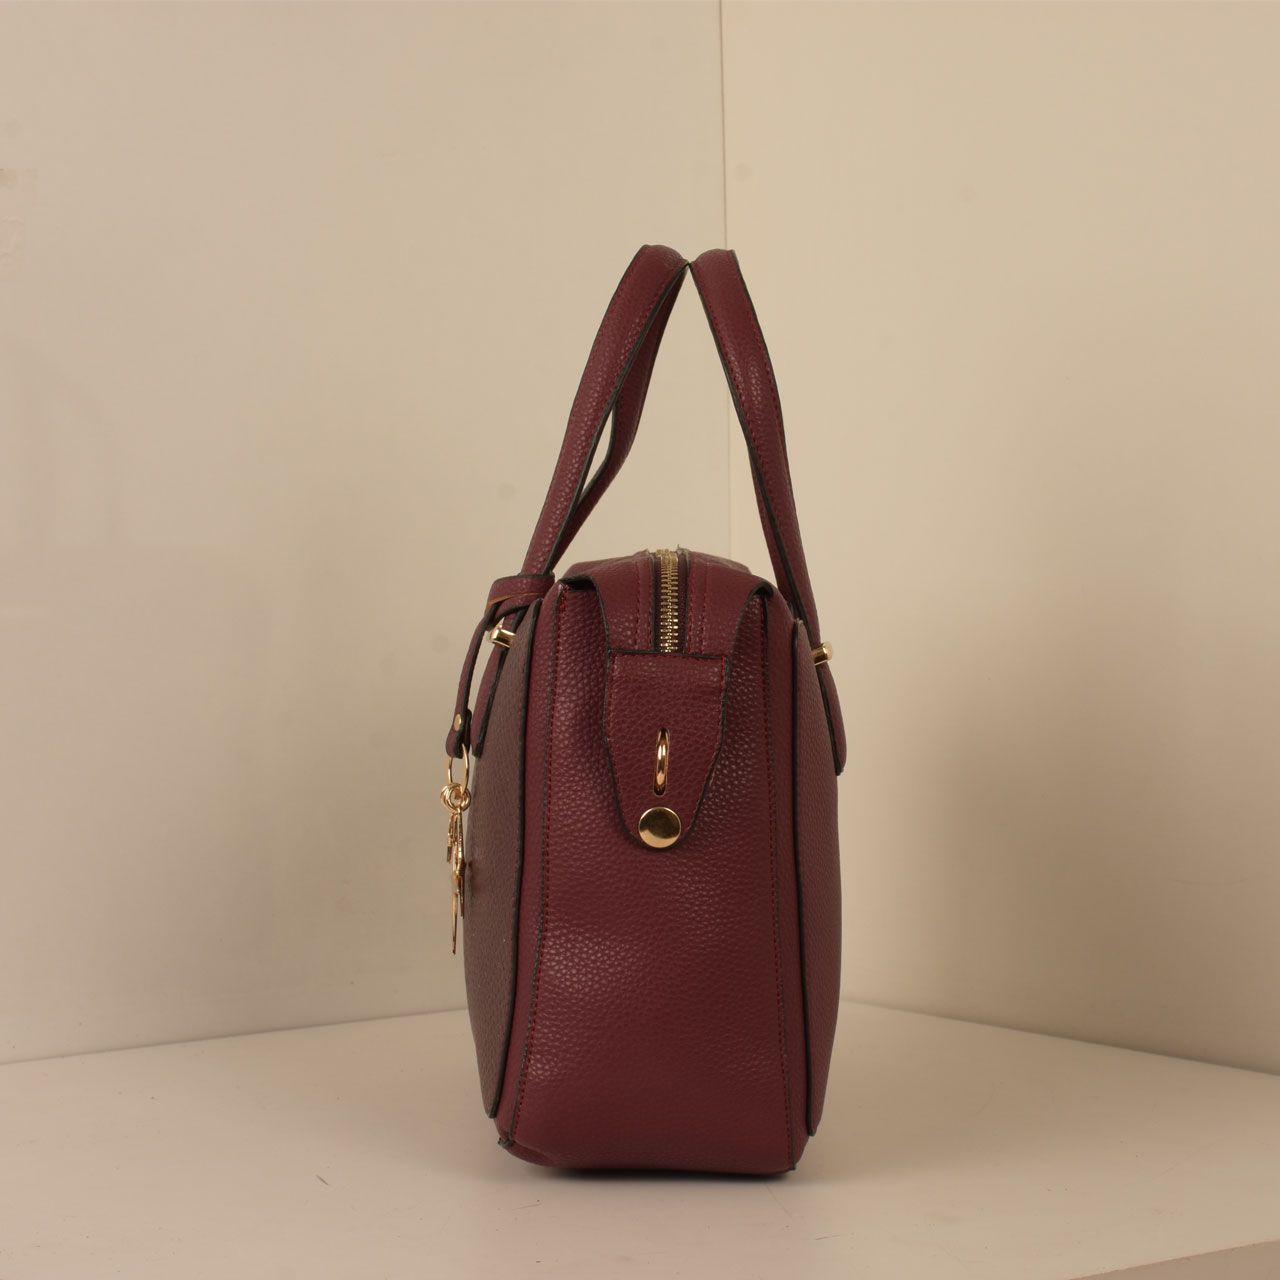 کیف دستی زنانه پارینه چرم کد PLV202-12-1516 -  - 3